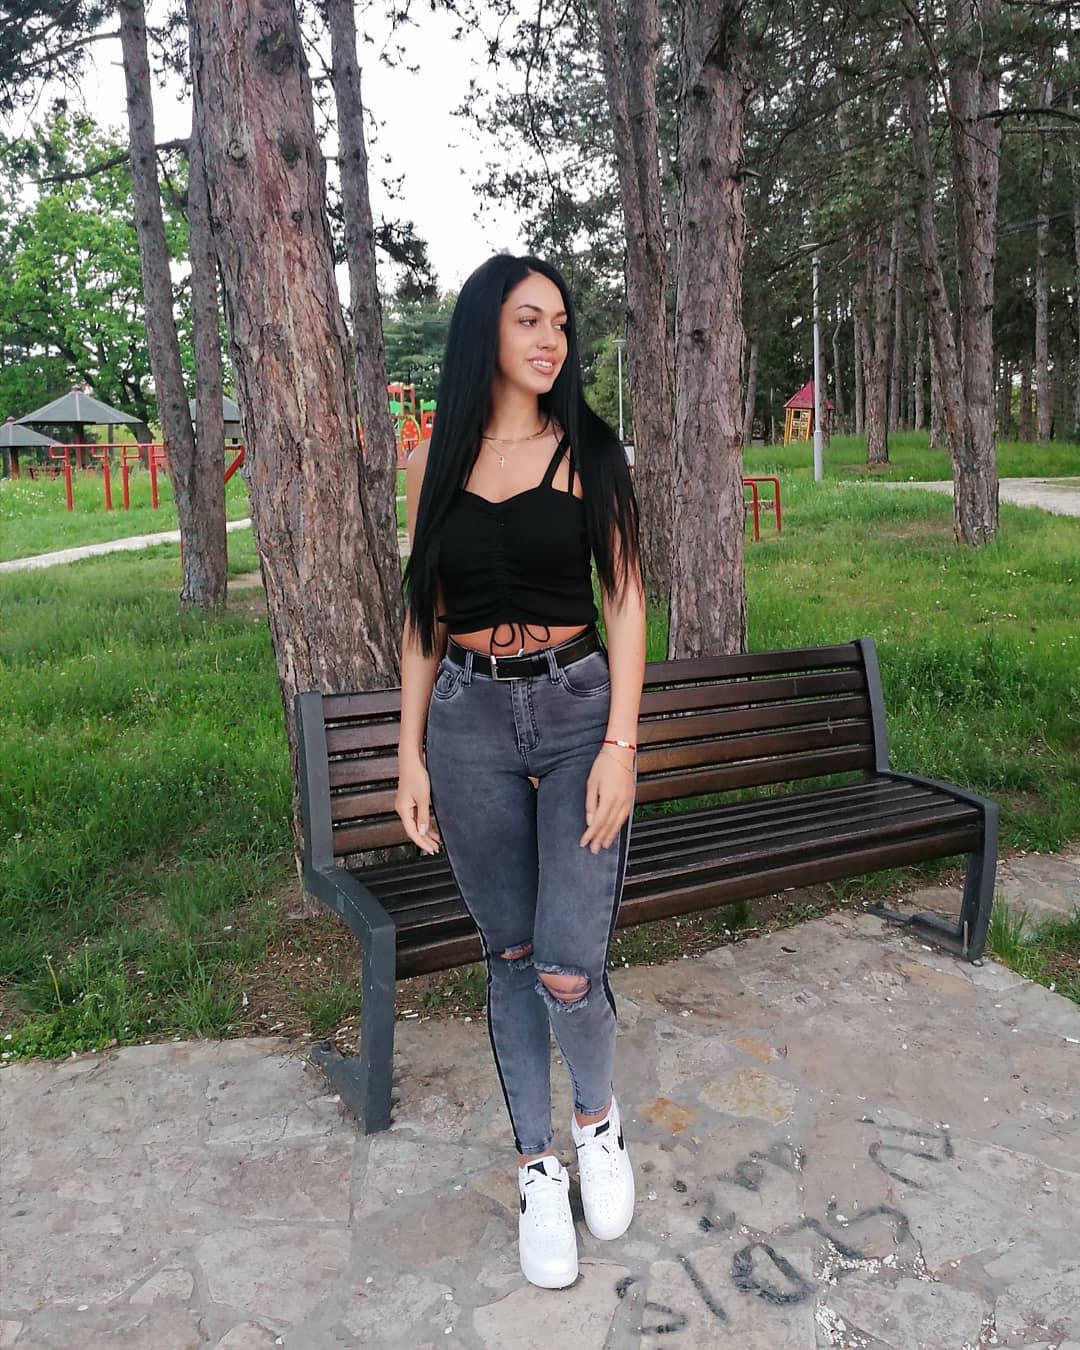 Tatjana-Joksovic-Wallpapers-Insta-Fit-Bio-2